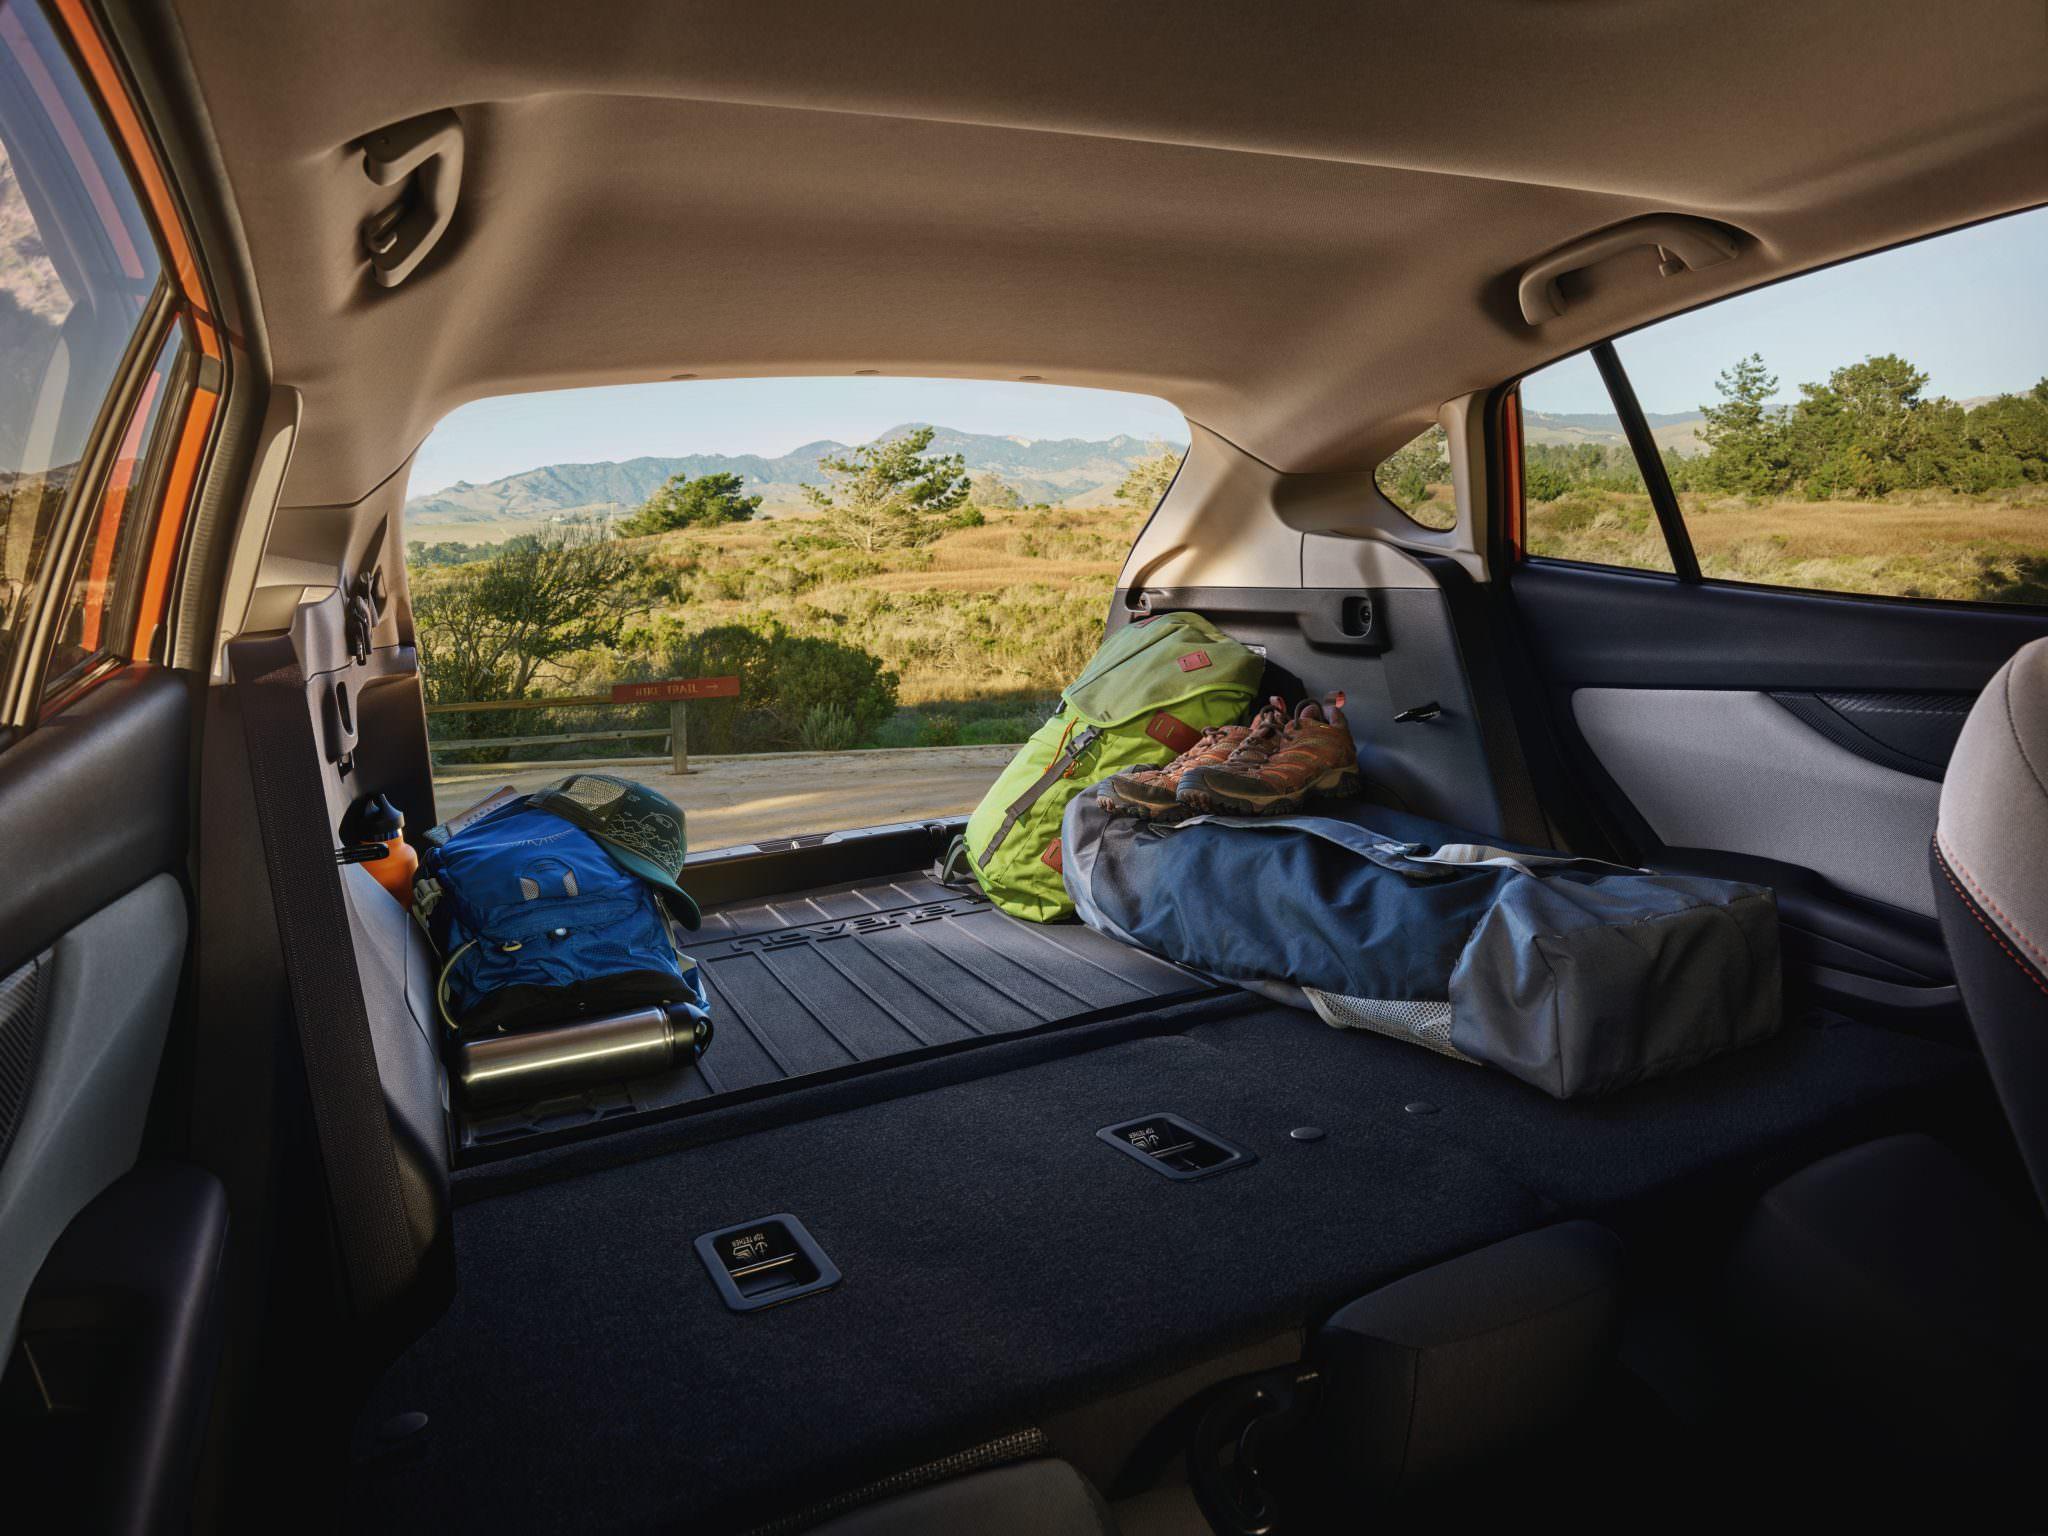 Roomy Subaru